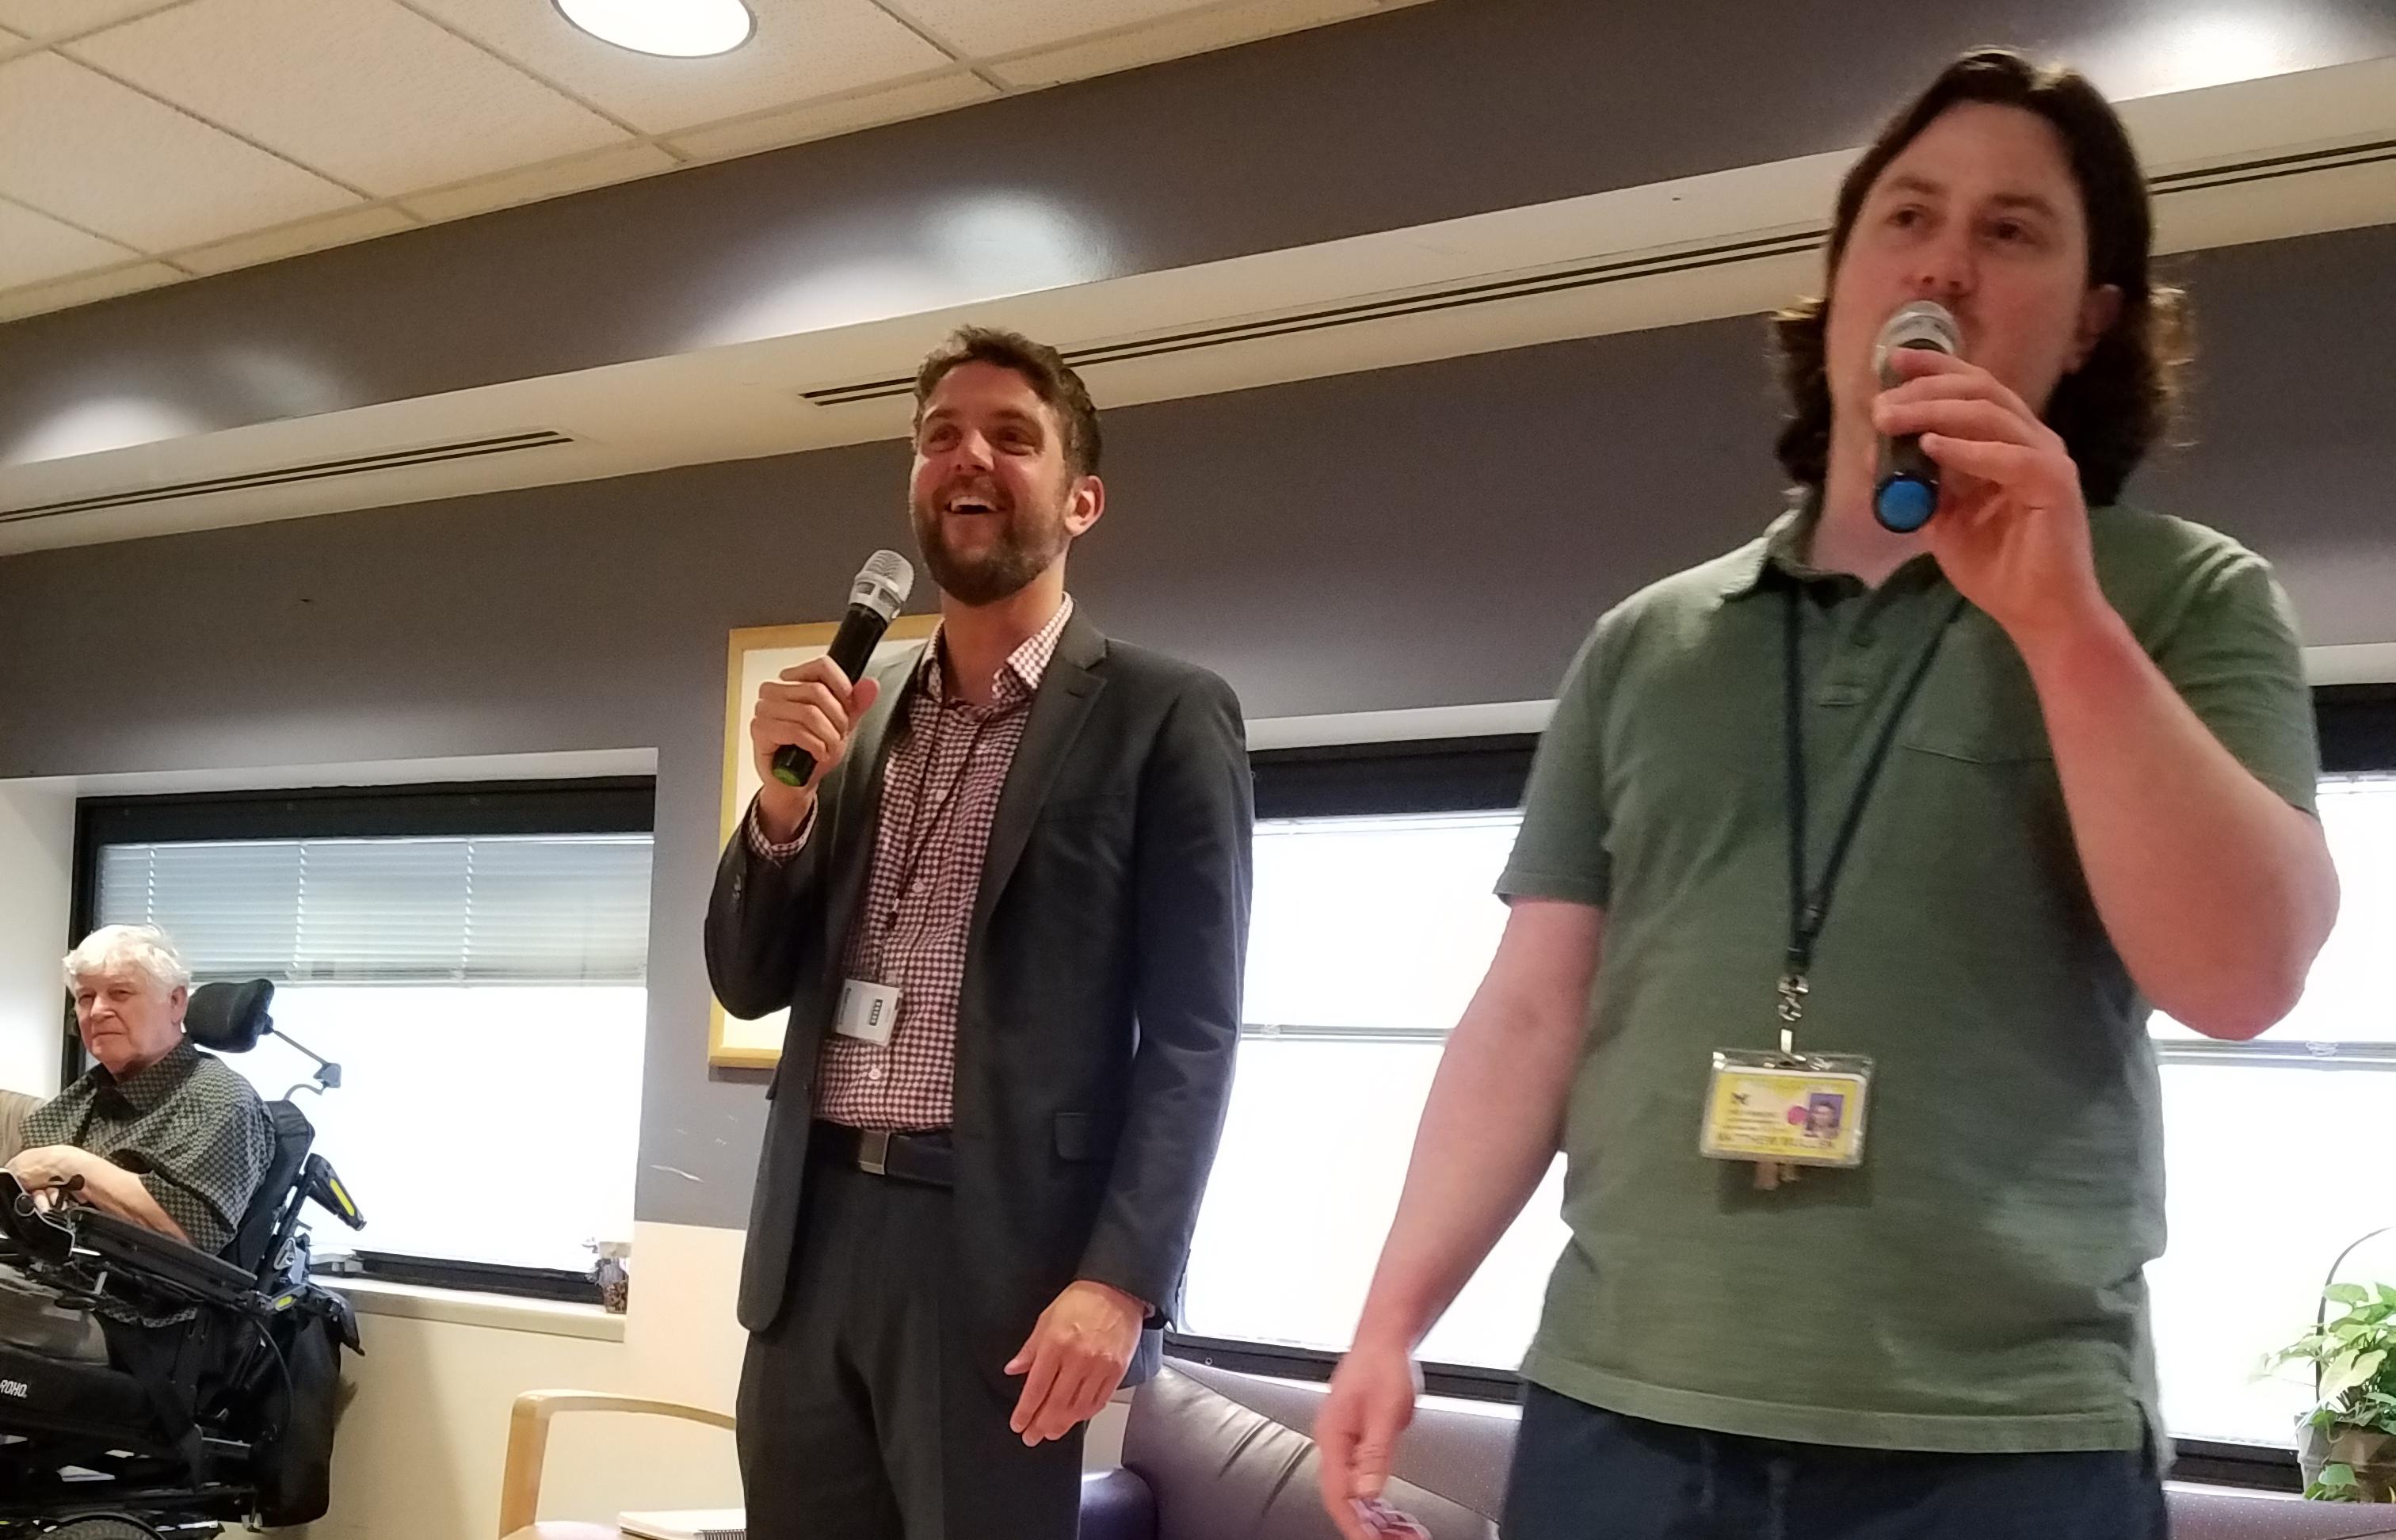 Matt Mullen and Matt Douponce sing karaoke